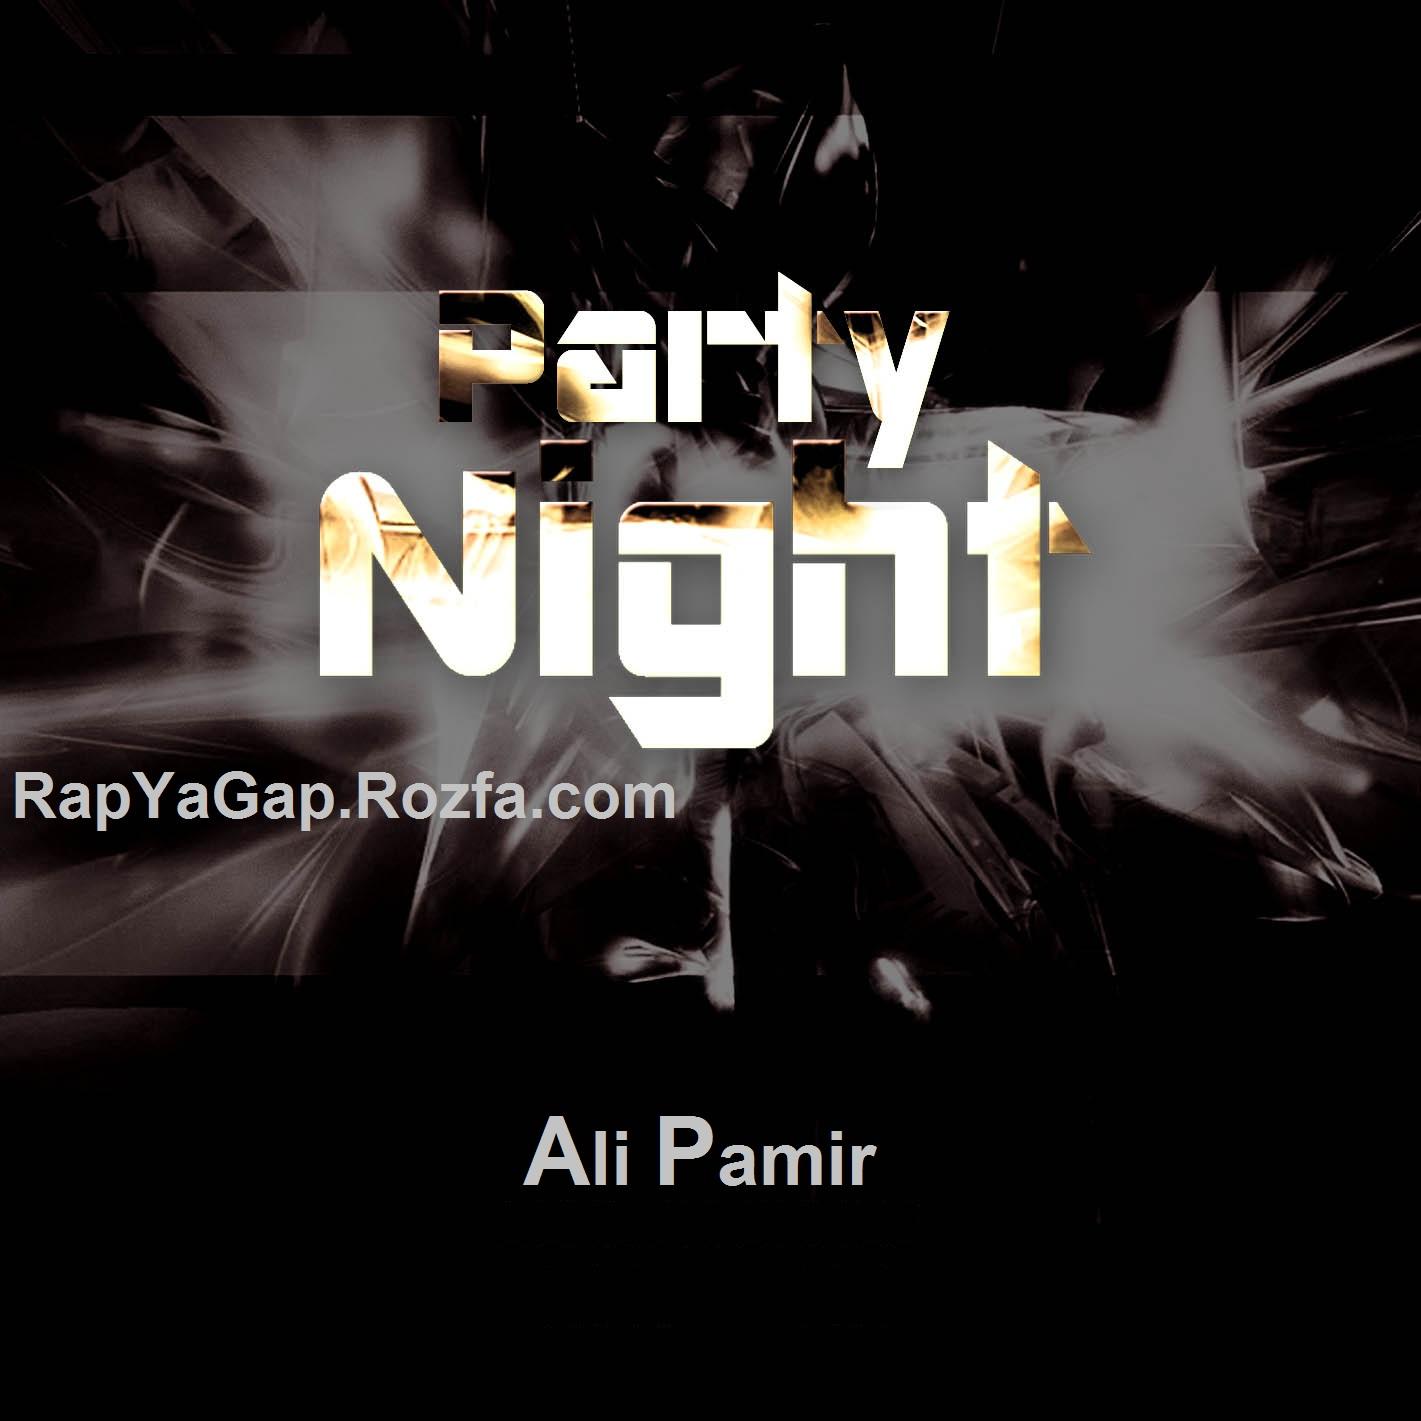 دانلود آهنگ جدید علی پامیر با نام پارتی شب